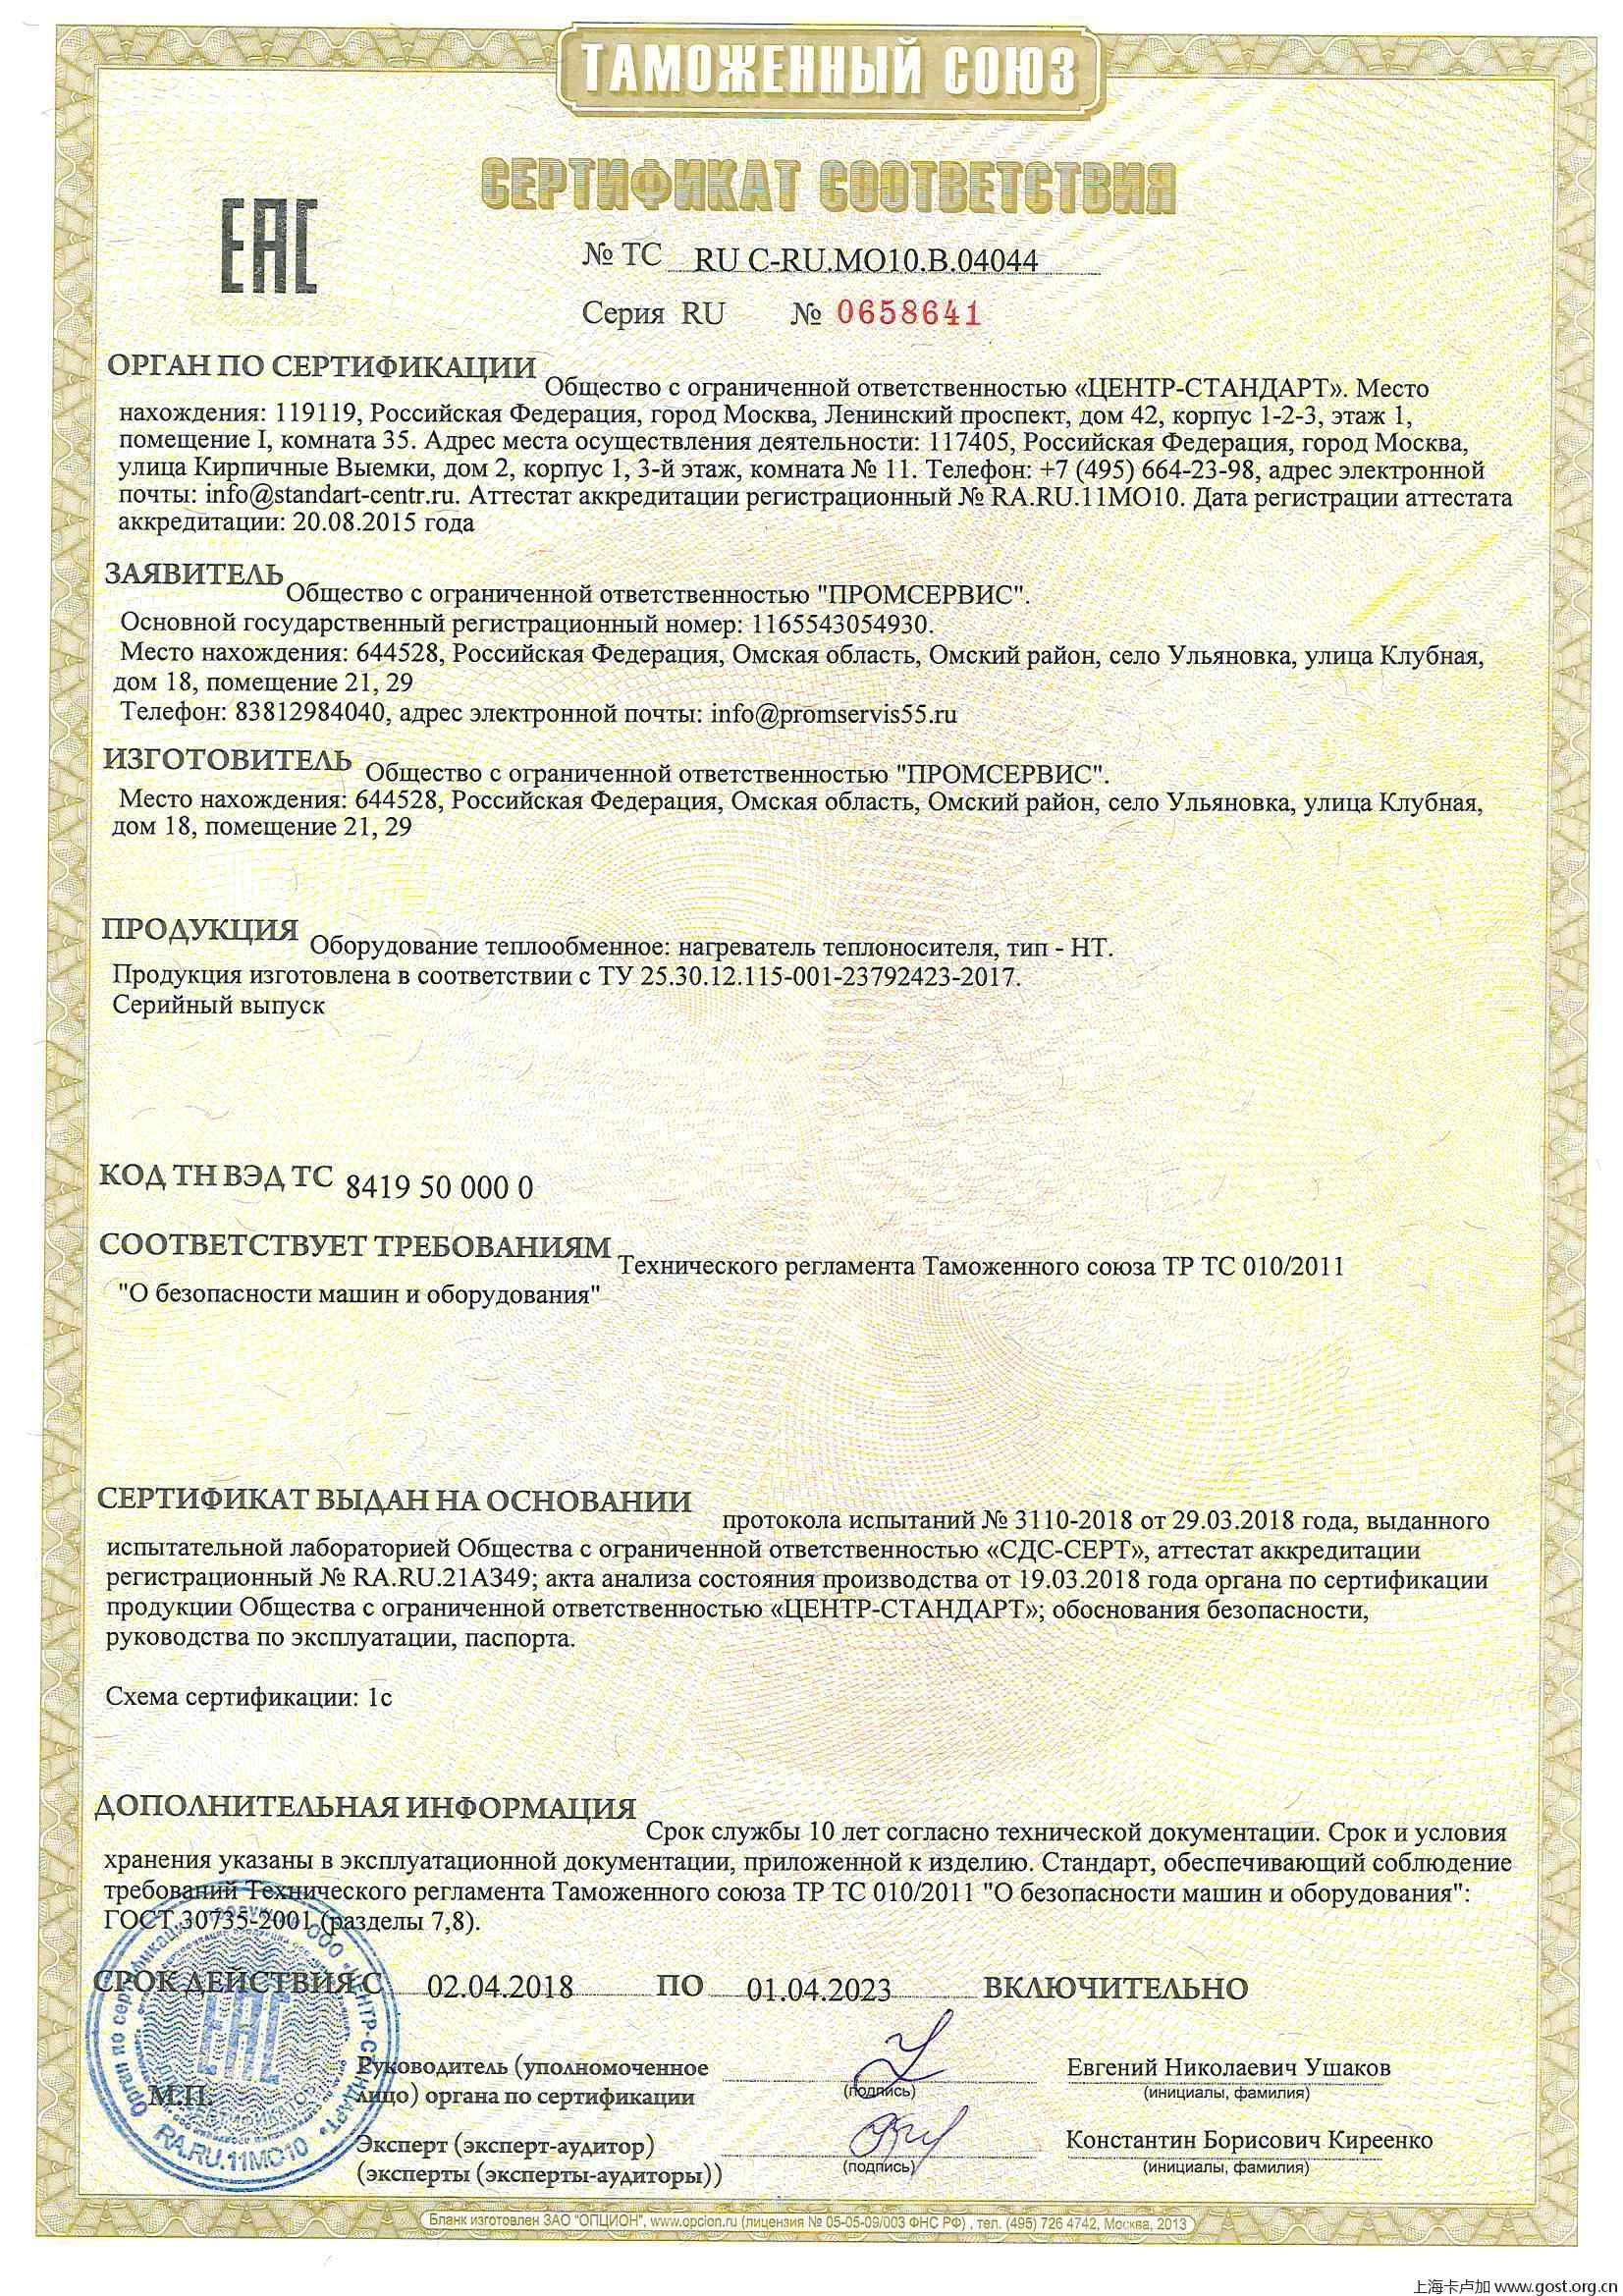 钢管和管件EAC认证 TRCU 032/2013承压设备安全技术法规